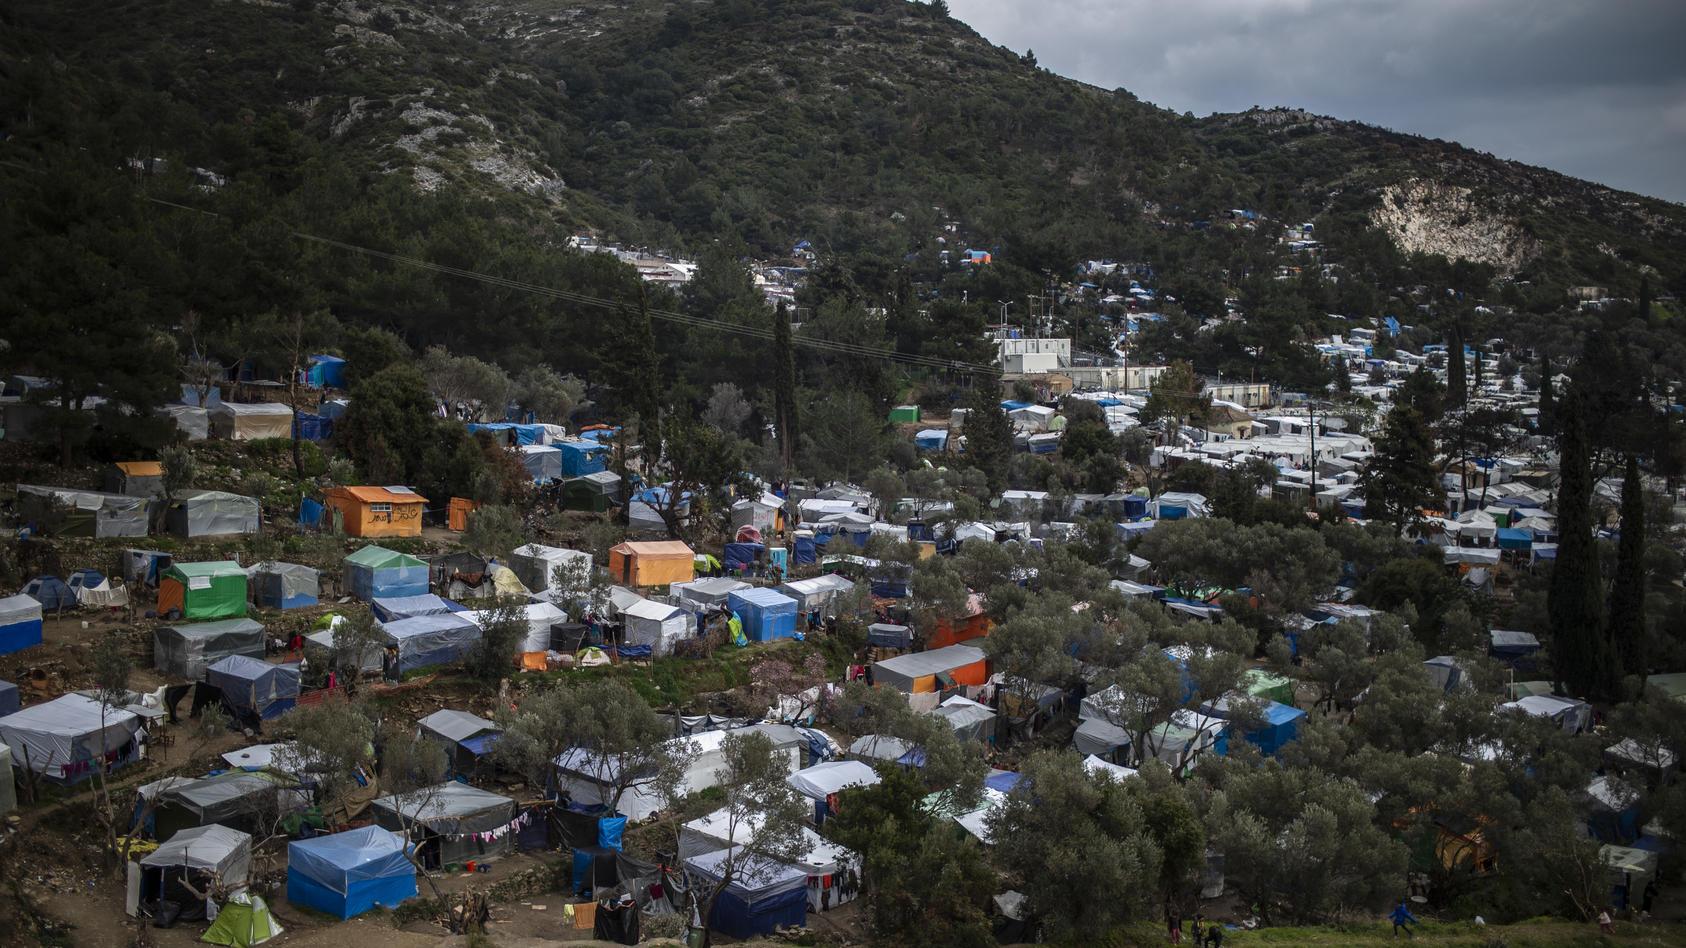 Ein Blick auf ein provisorisches Lager neben dem Flüchtlingslager auf der Insel Samos. (Archivbild)